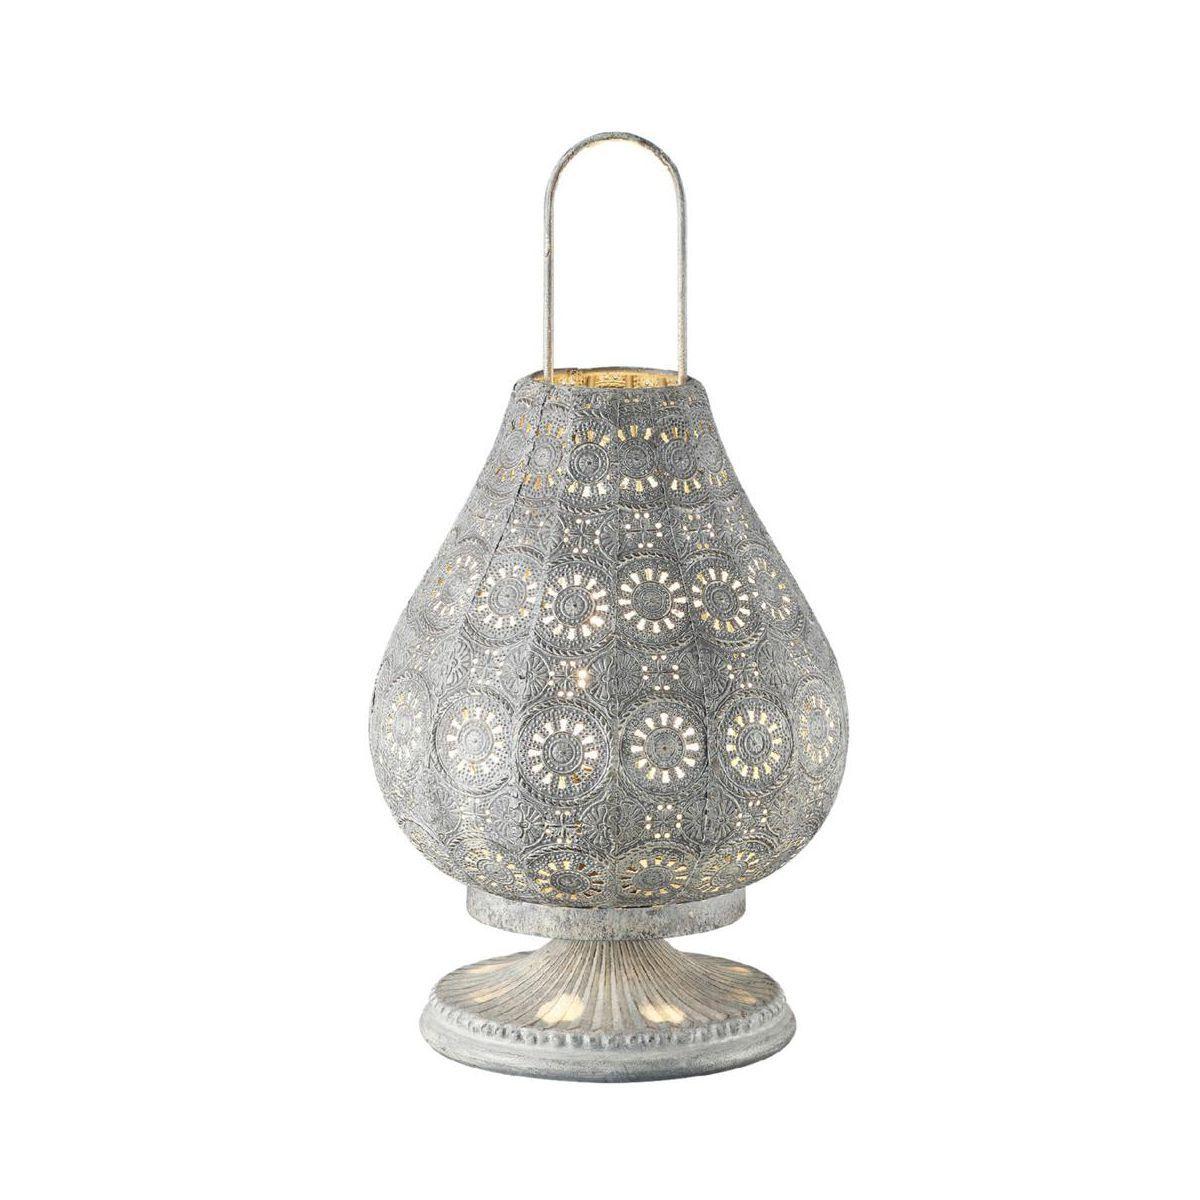 Lampa Stojaca Jasmin Trio Lighting Inter Leroy Merlin Trio Lighting Lighting Lamp